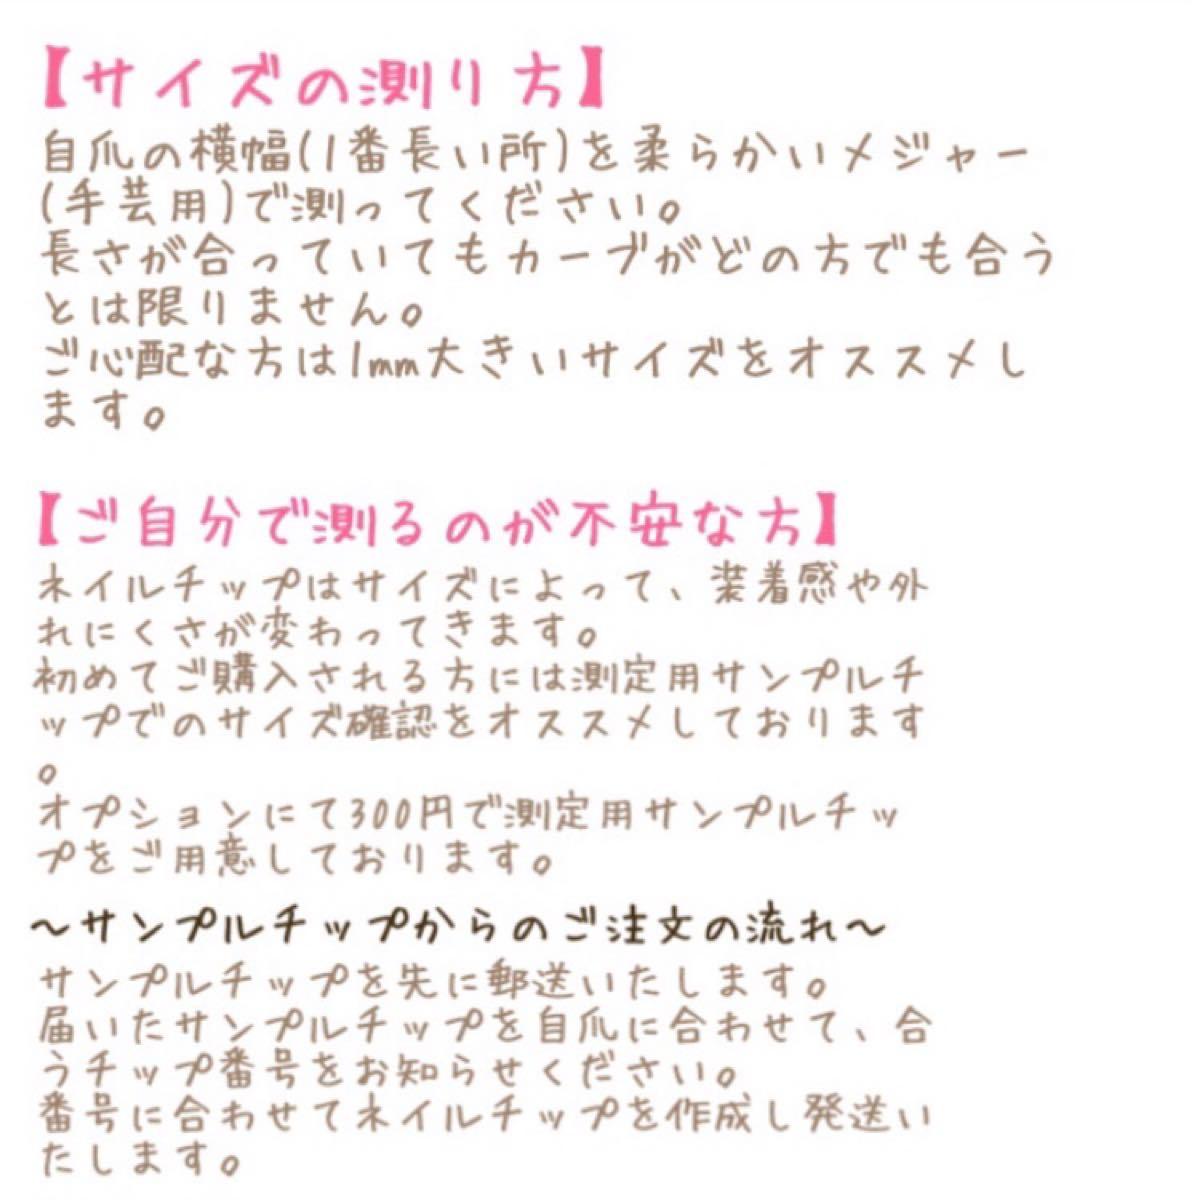 ネイルチップ No.6 シンプル ワンカラー ピンク ベージュ チェーンネイル